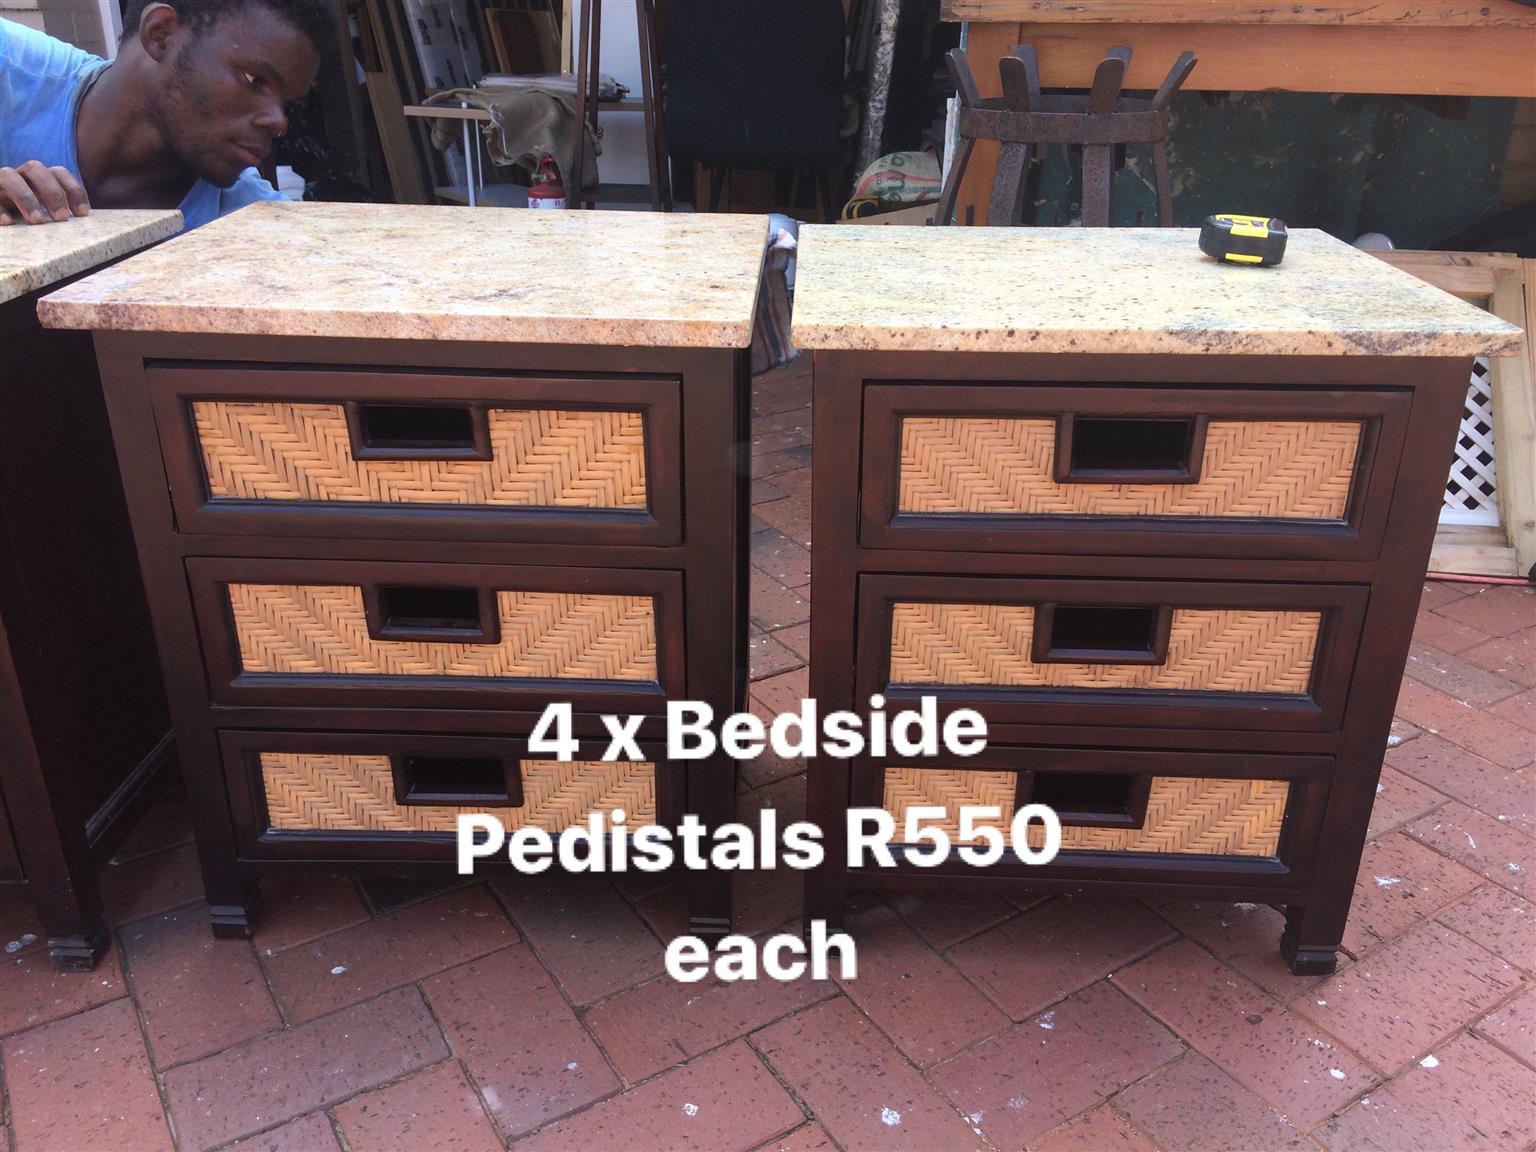 6 x Bedside Pedistals